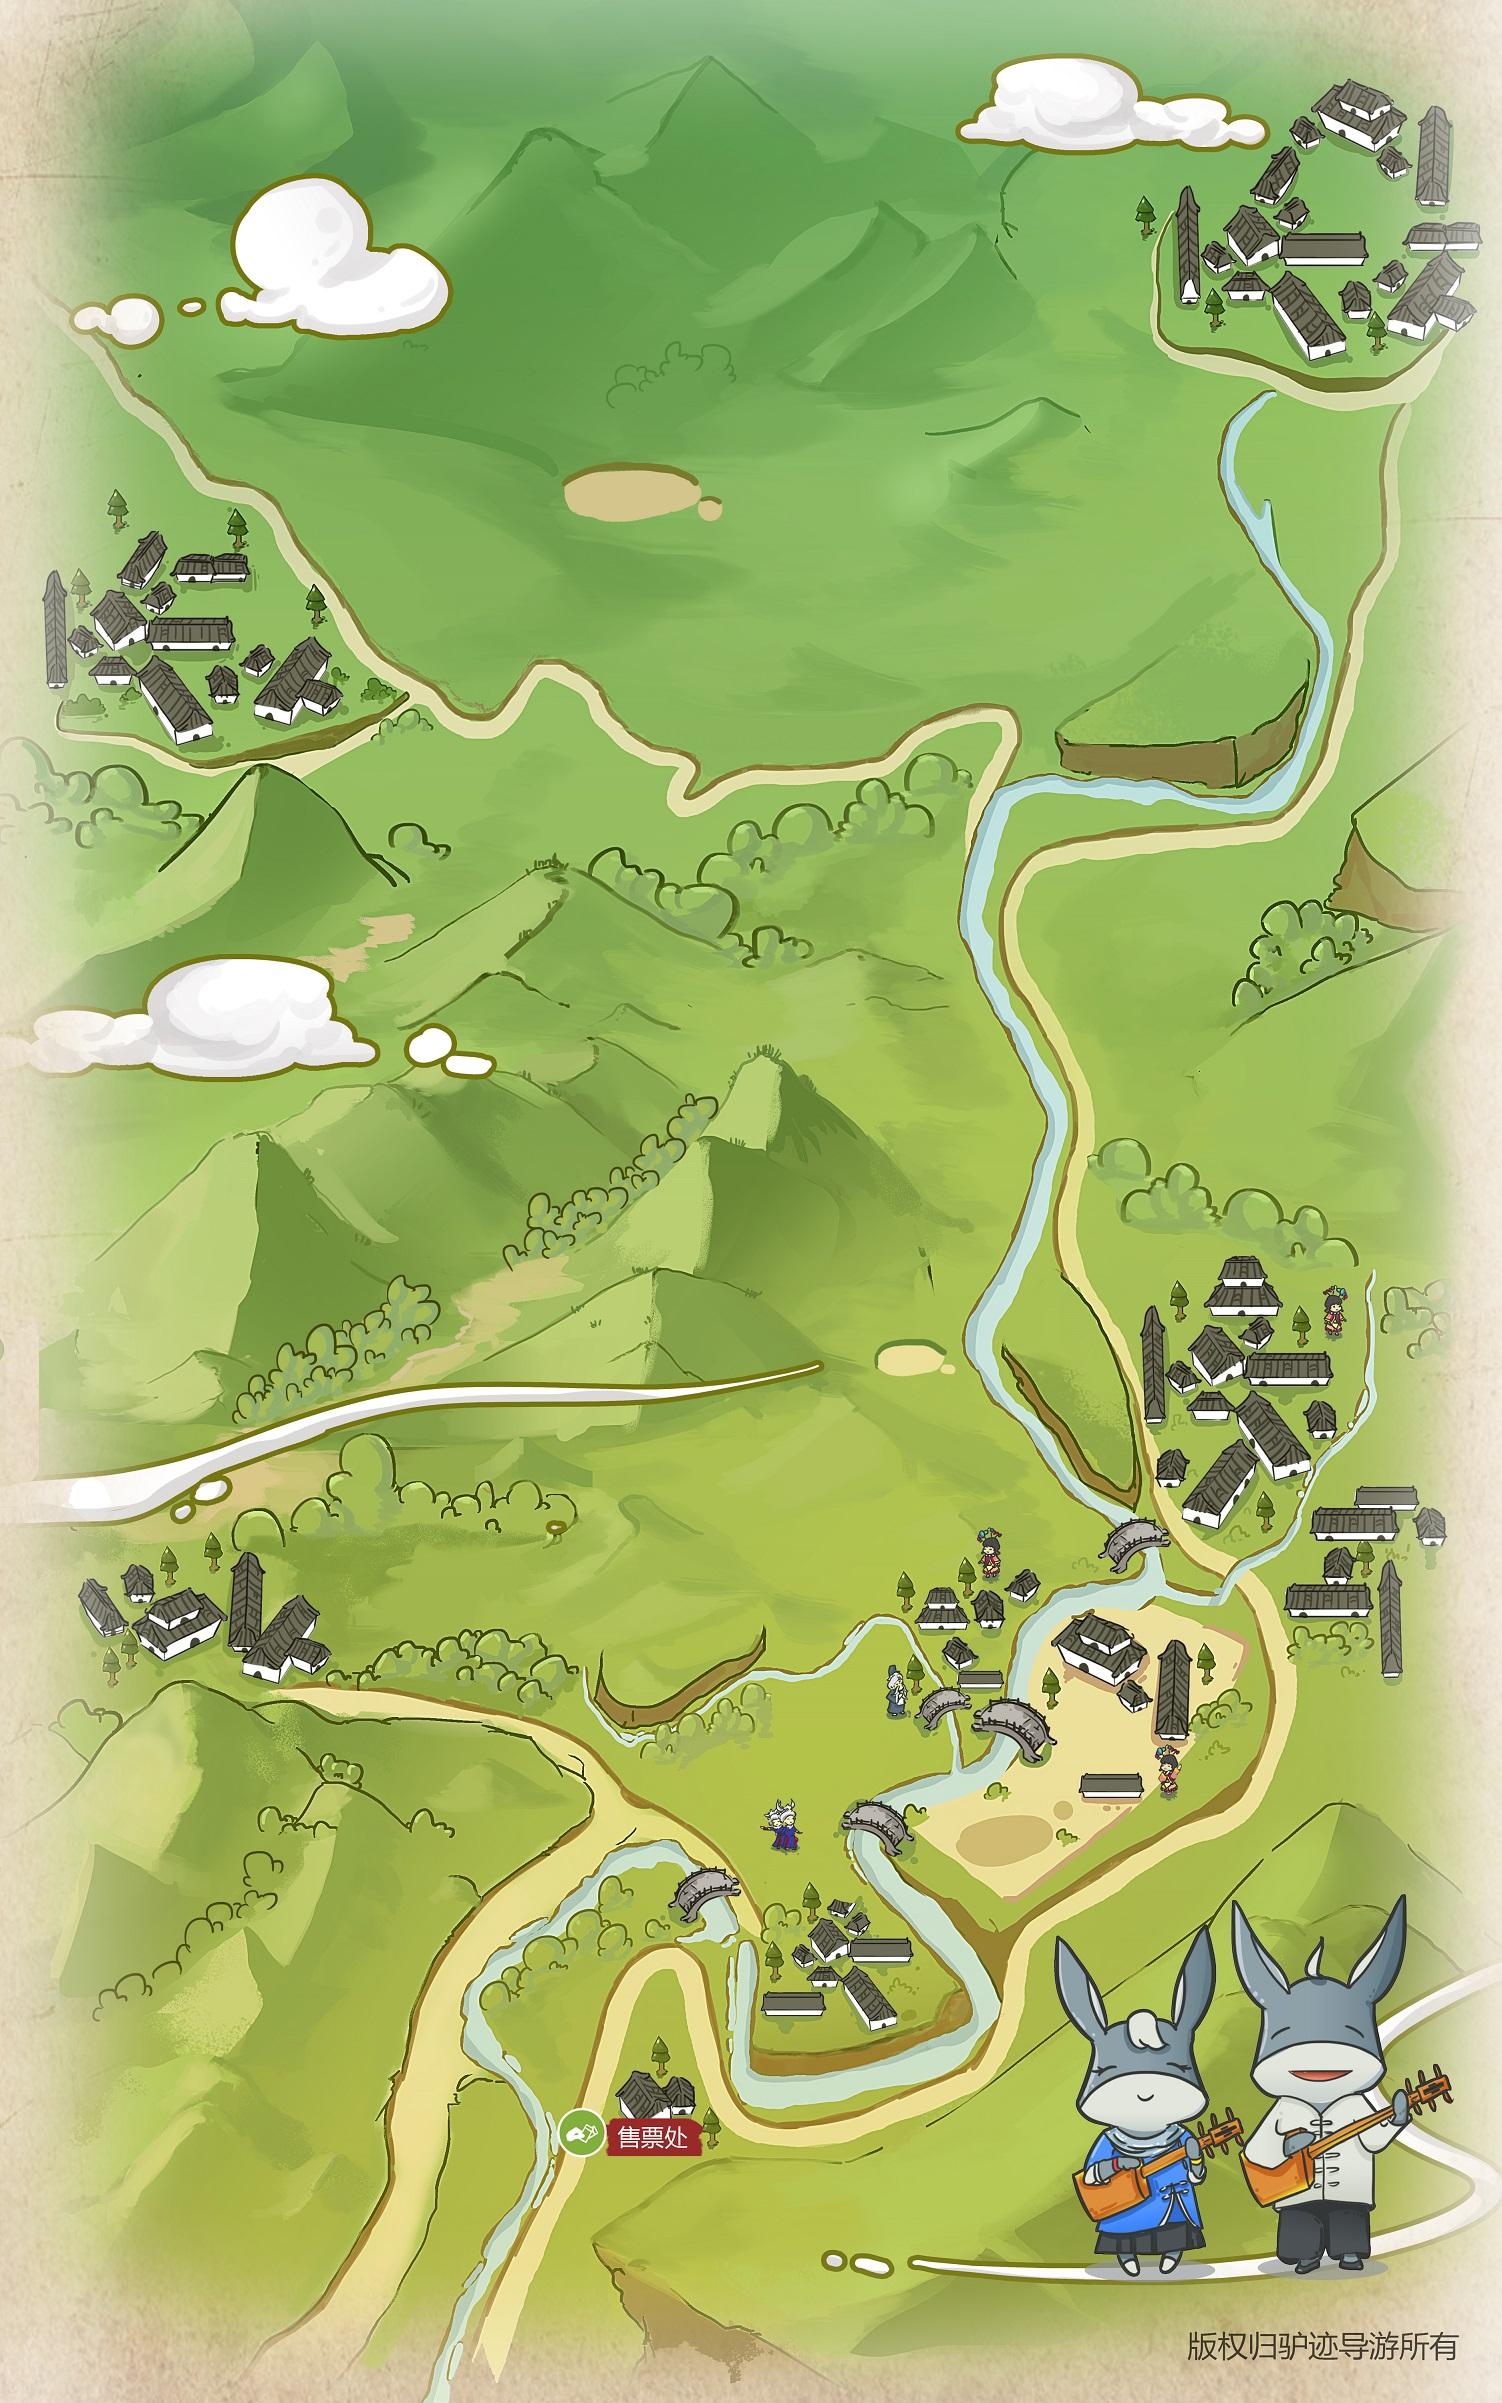 程阳八寨景区手机导游【全景地图、园内导航、